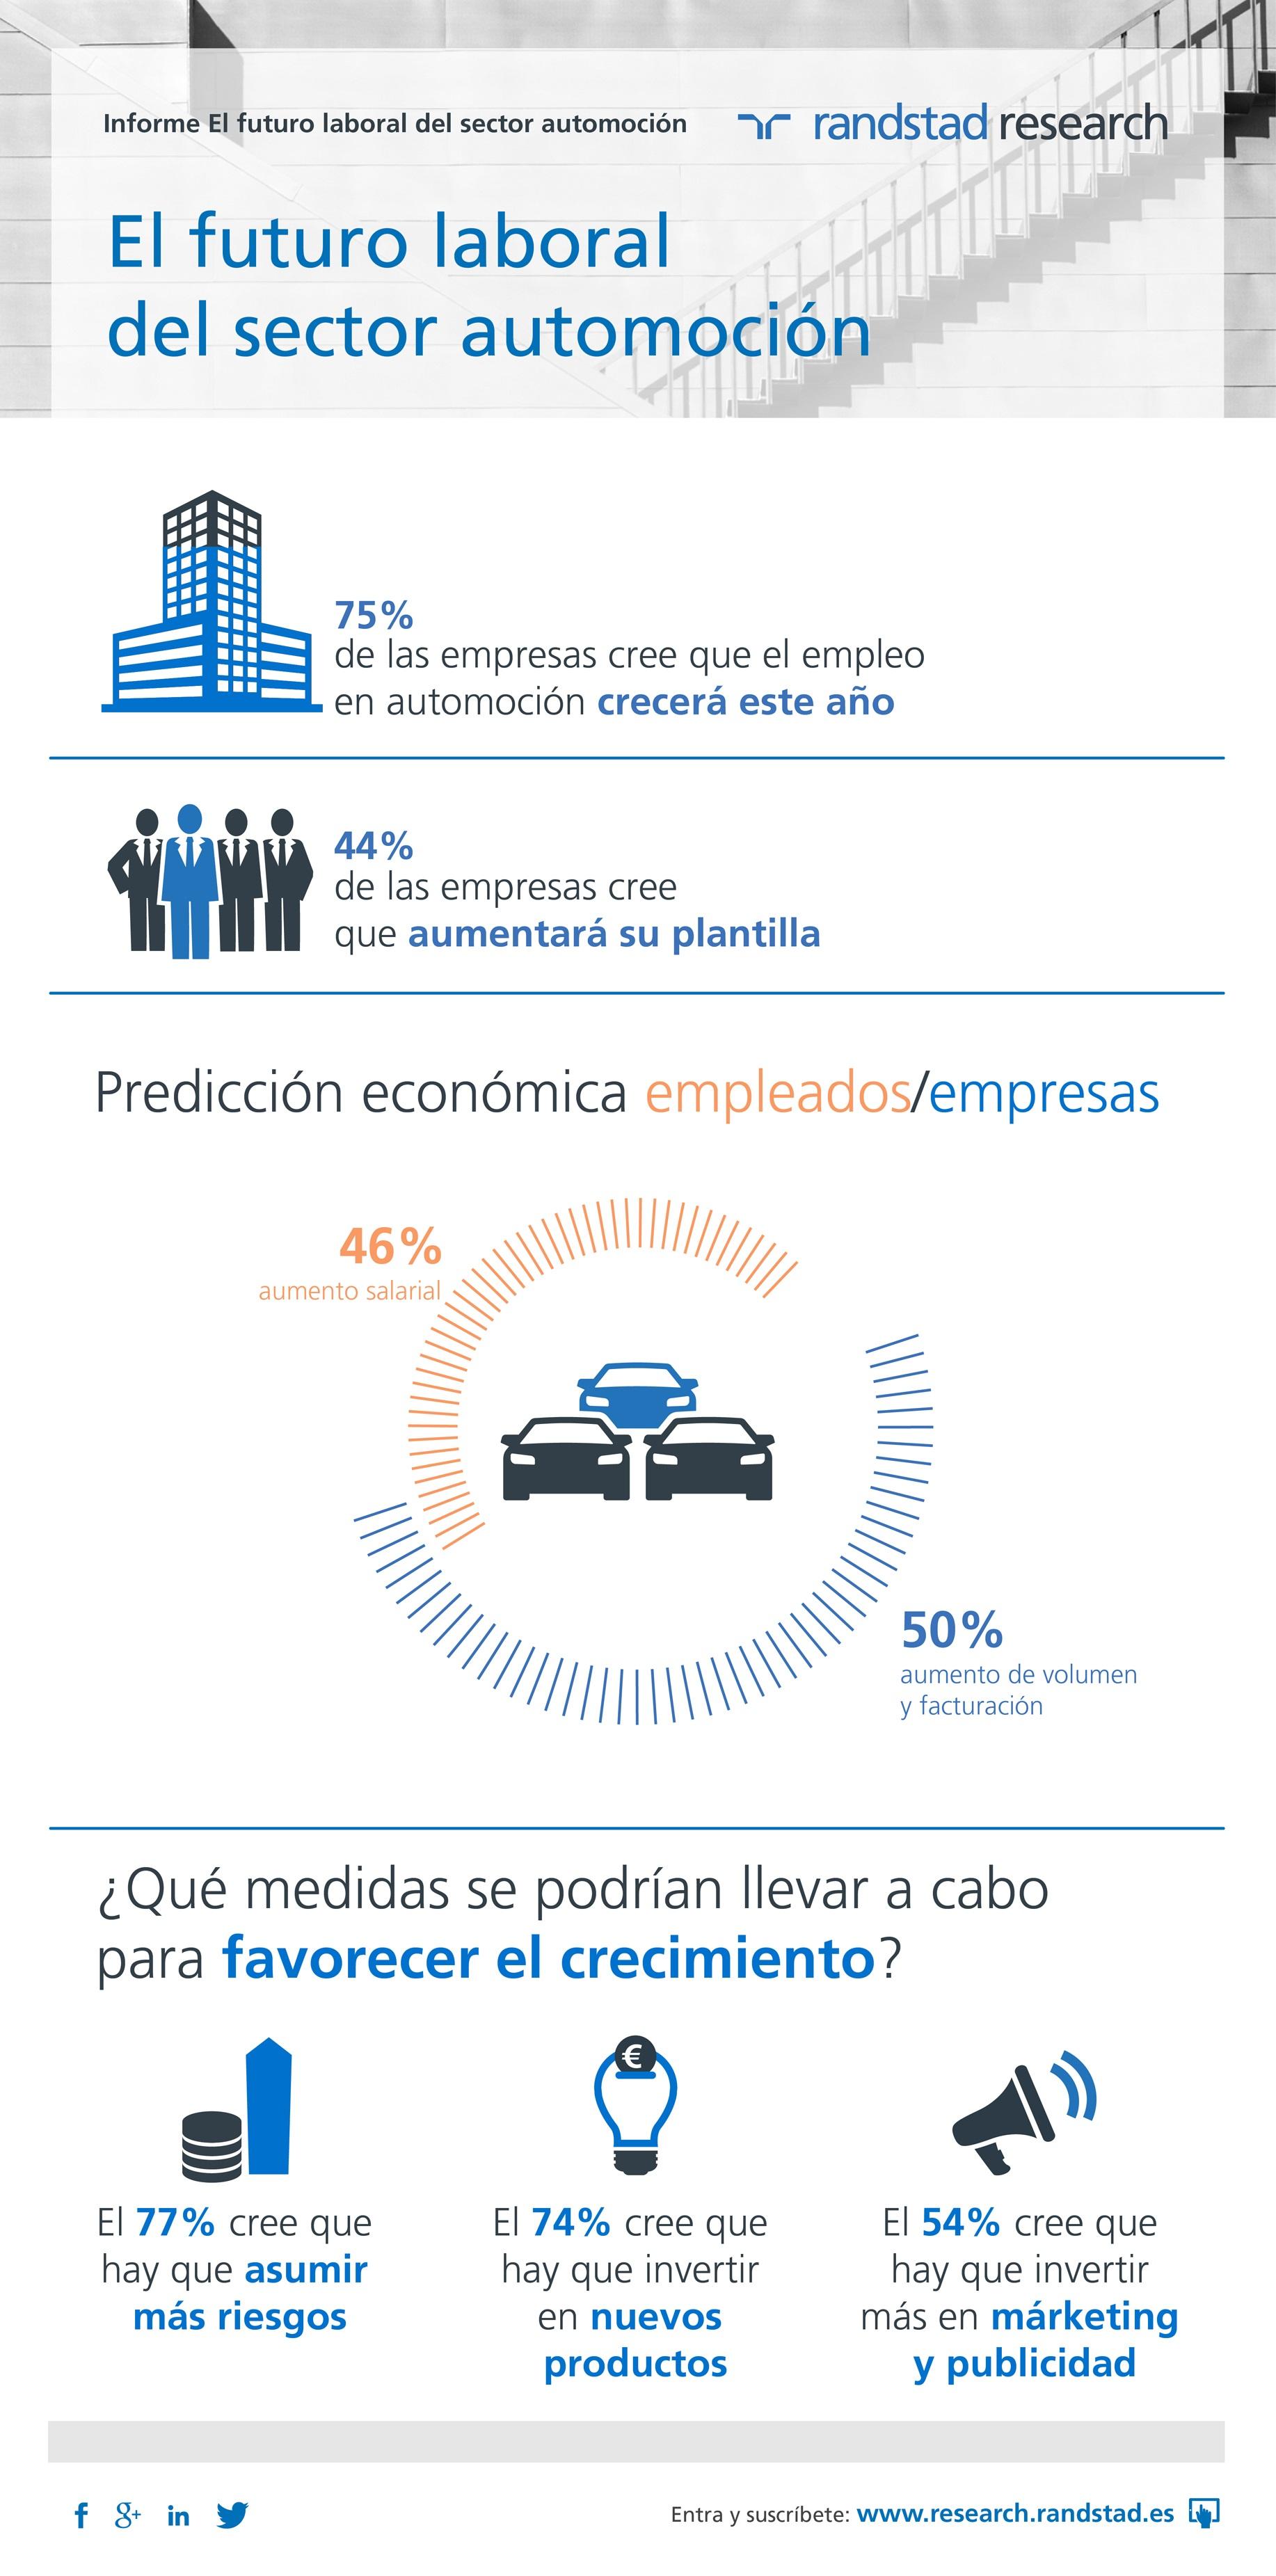 informe el futuro laboral del sector automoción